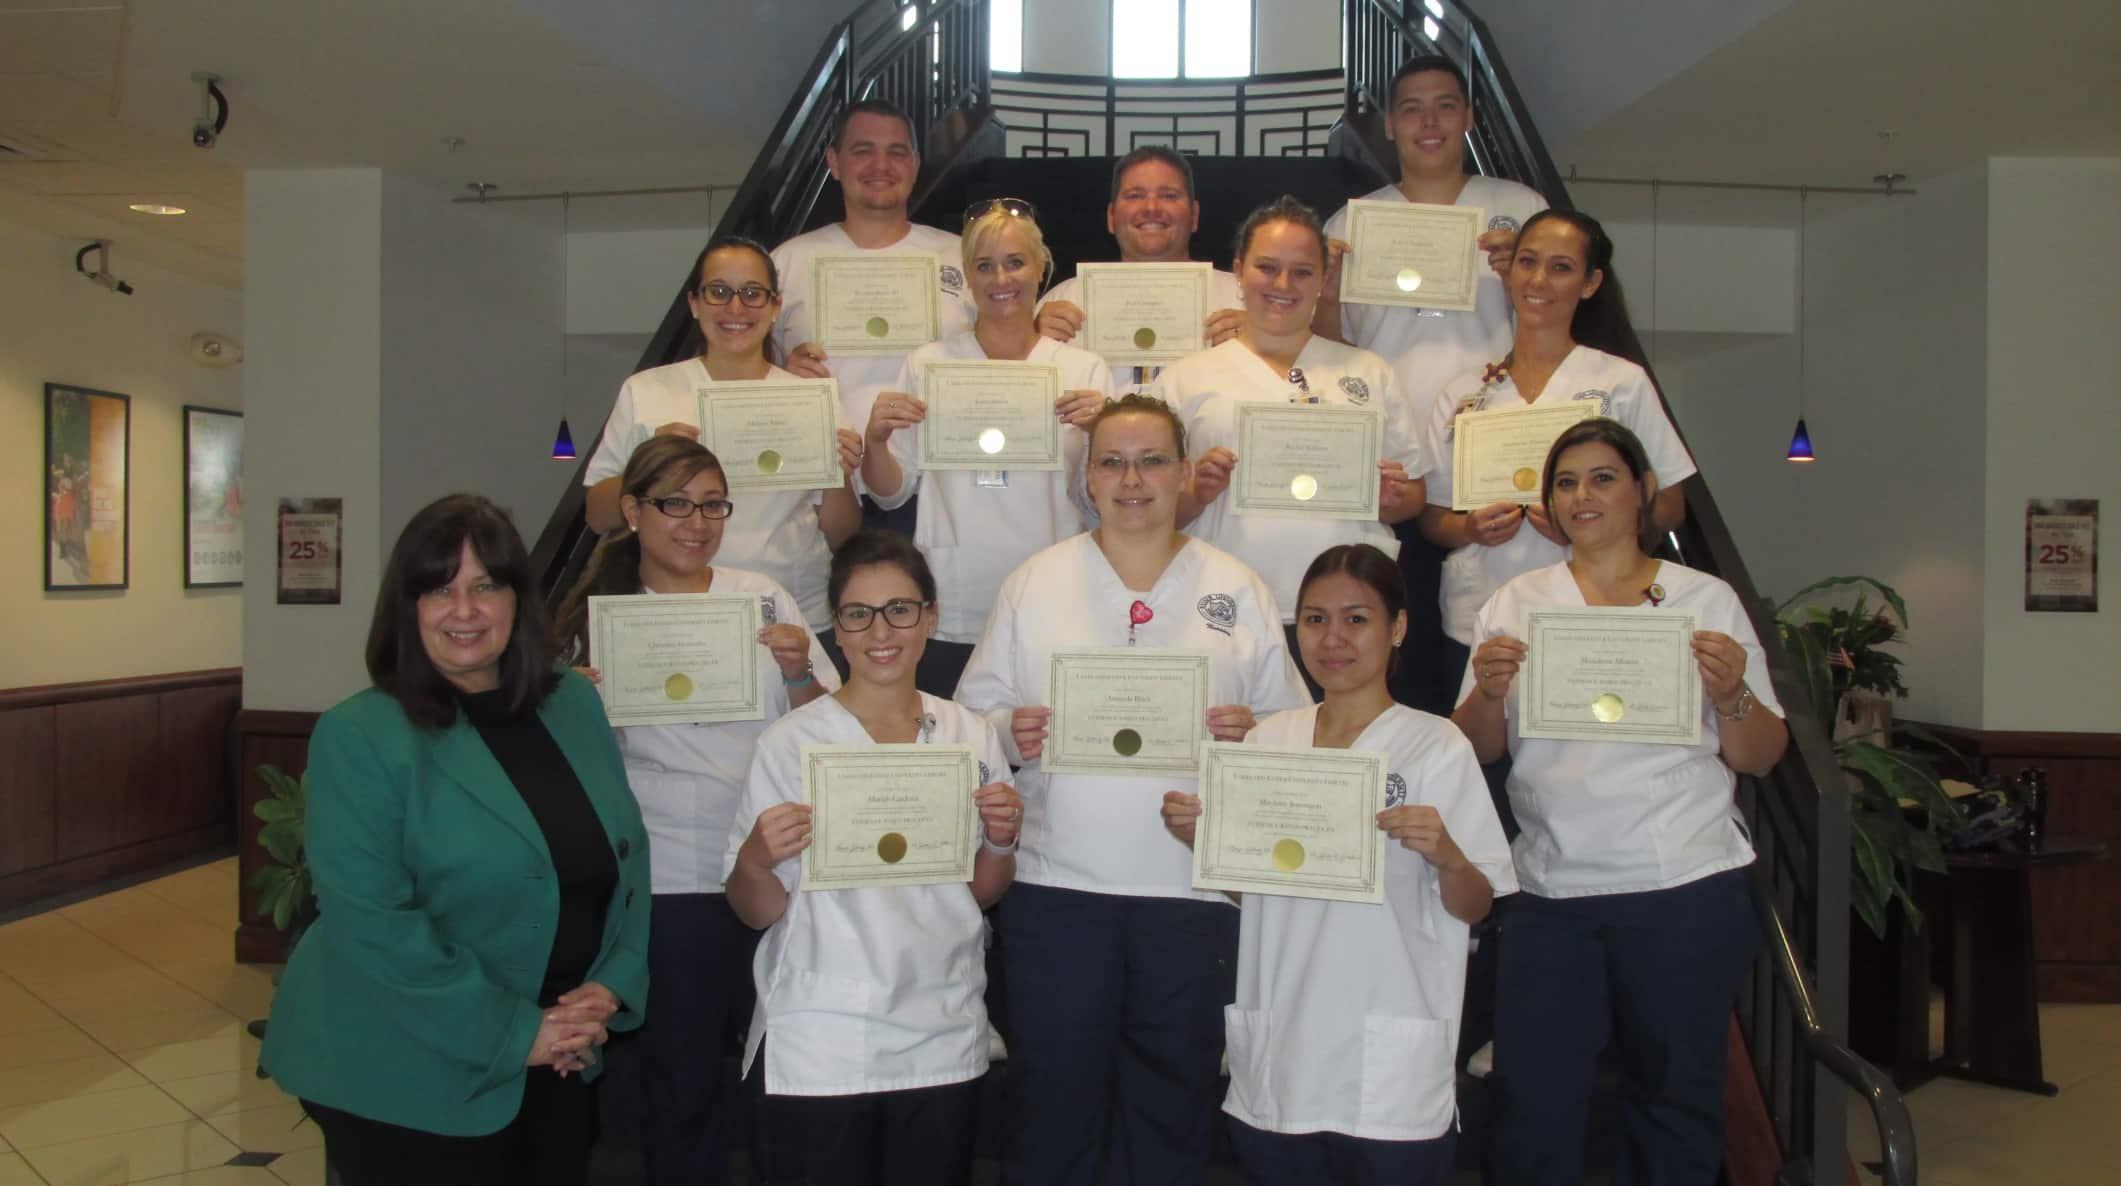 Nursing Students at the Lakeland Campus Participate in EBP Training